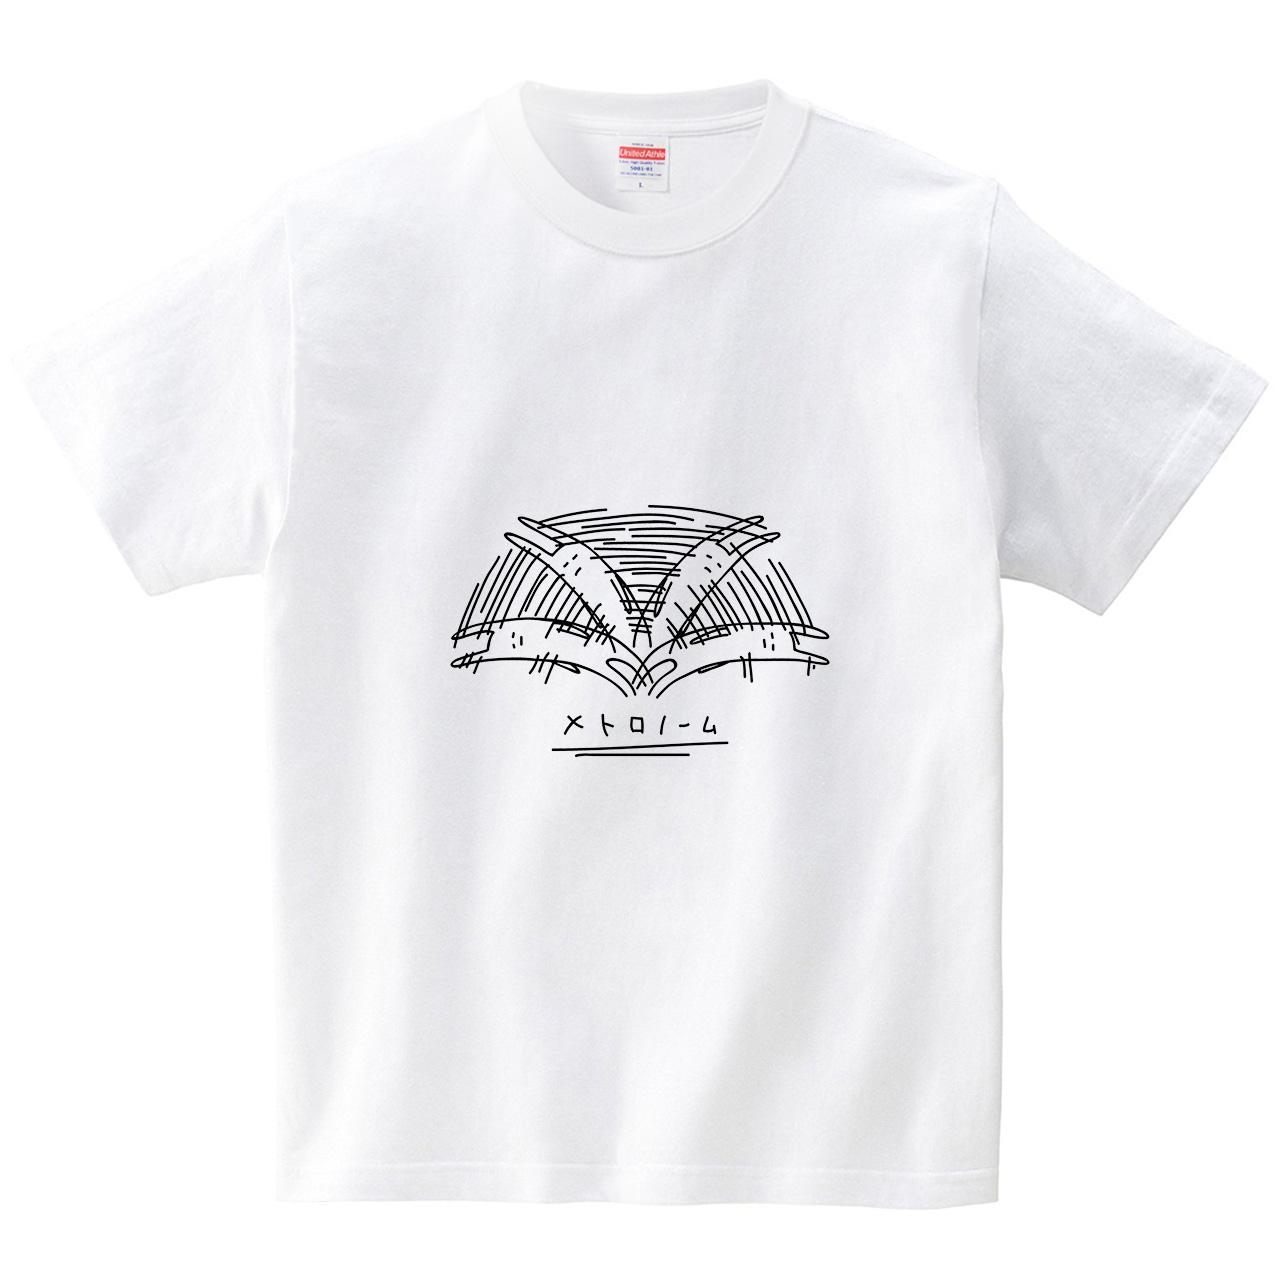 ウサギのメトロノーム(Tシャツ・ホワイト)(オワリ)